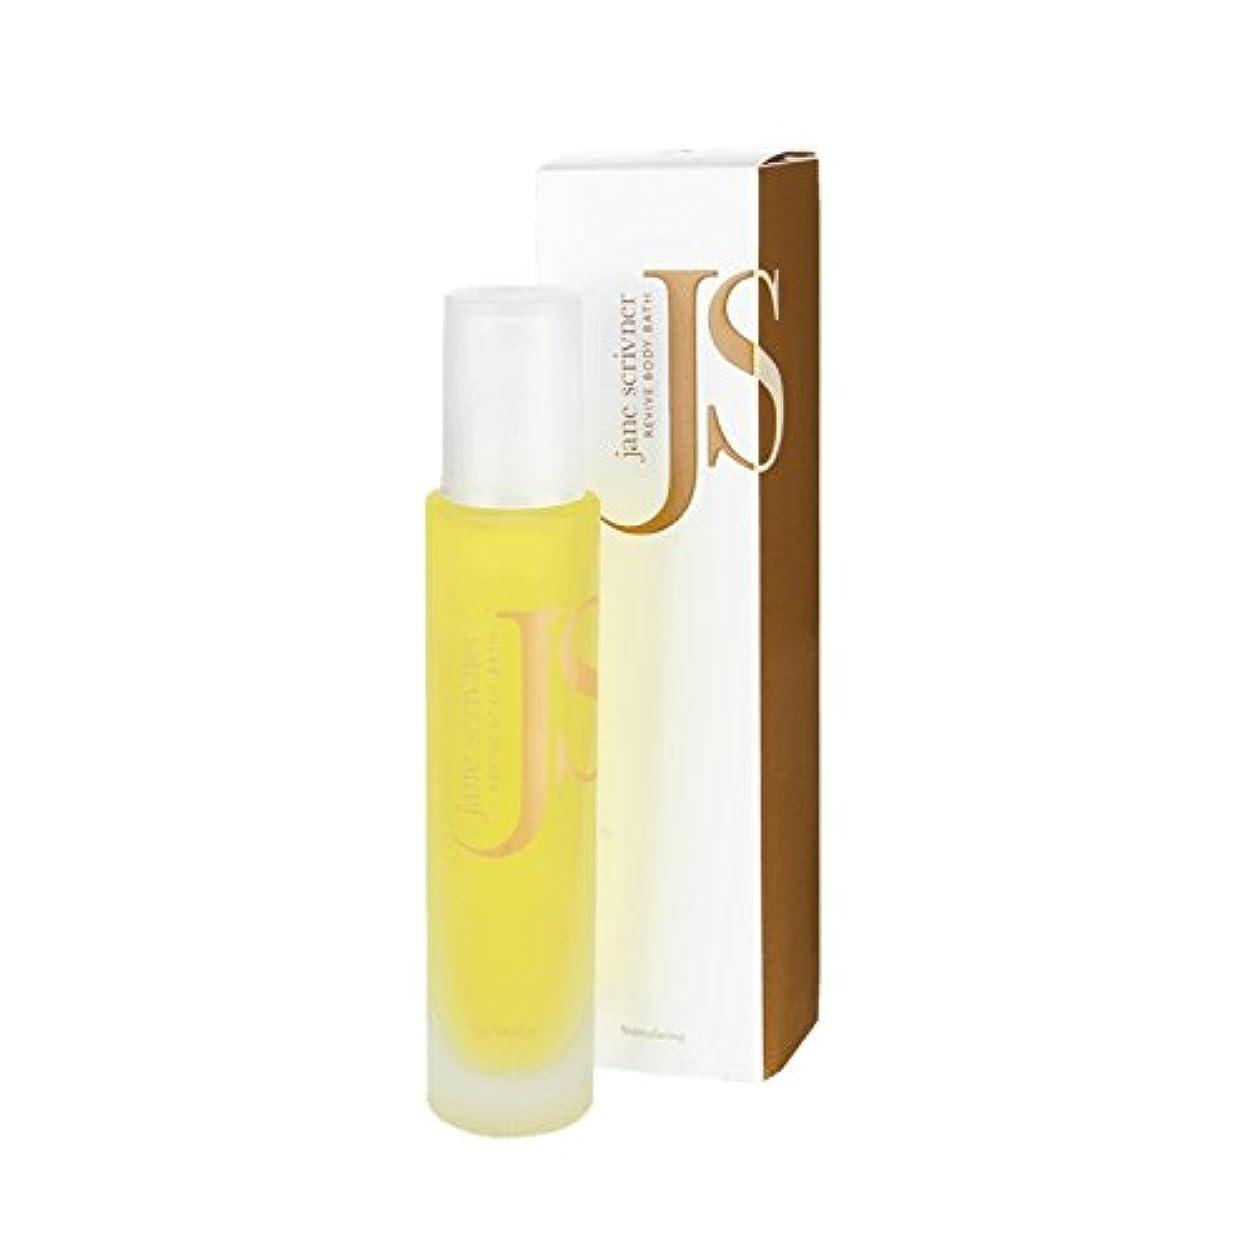 感情のシェフ軍Jane Scrivner Body Bath Oil Revive 100ml (Pack of 6) - ジェーンScrivnerボディバスオイル100ミリリットルを復活させます (x6) [並行輸入品]